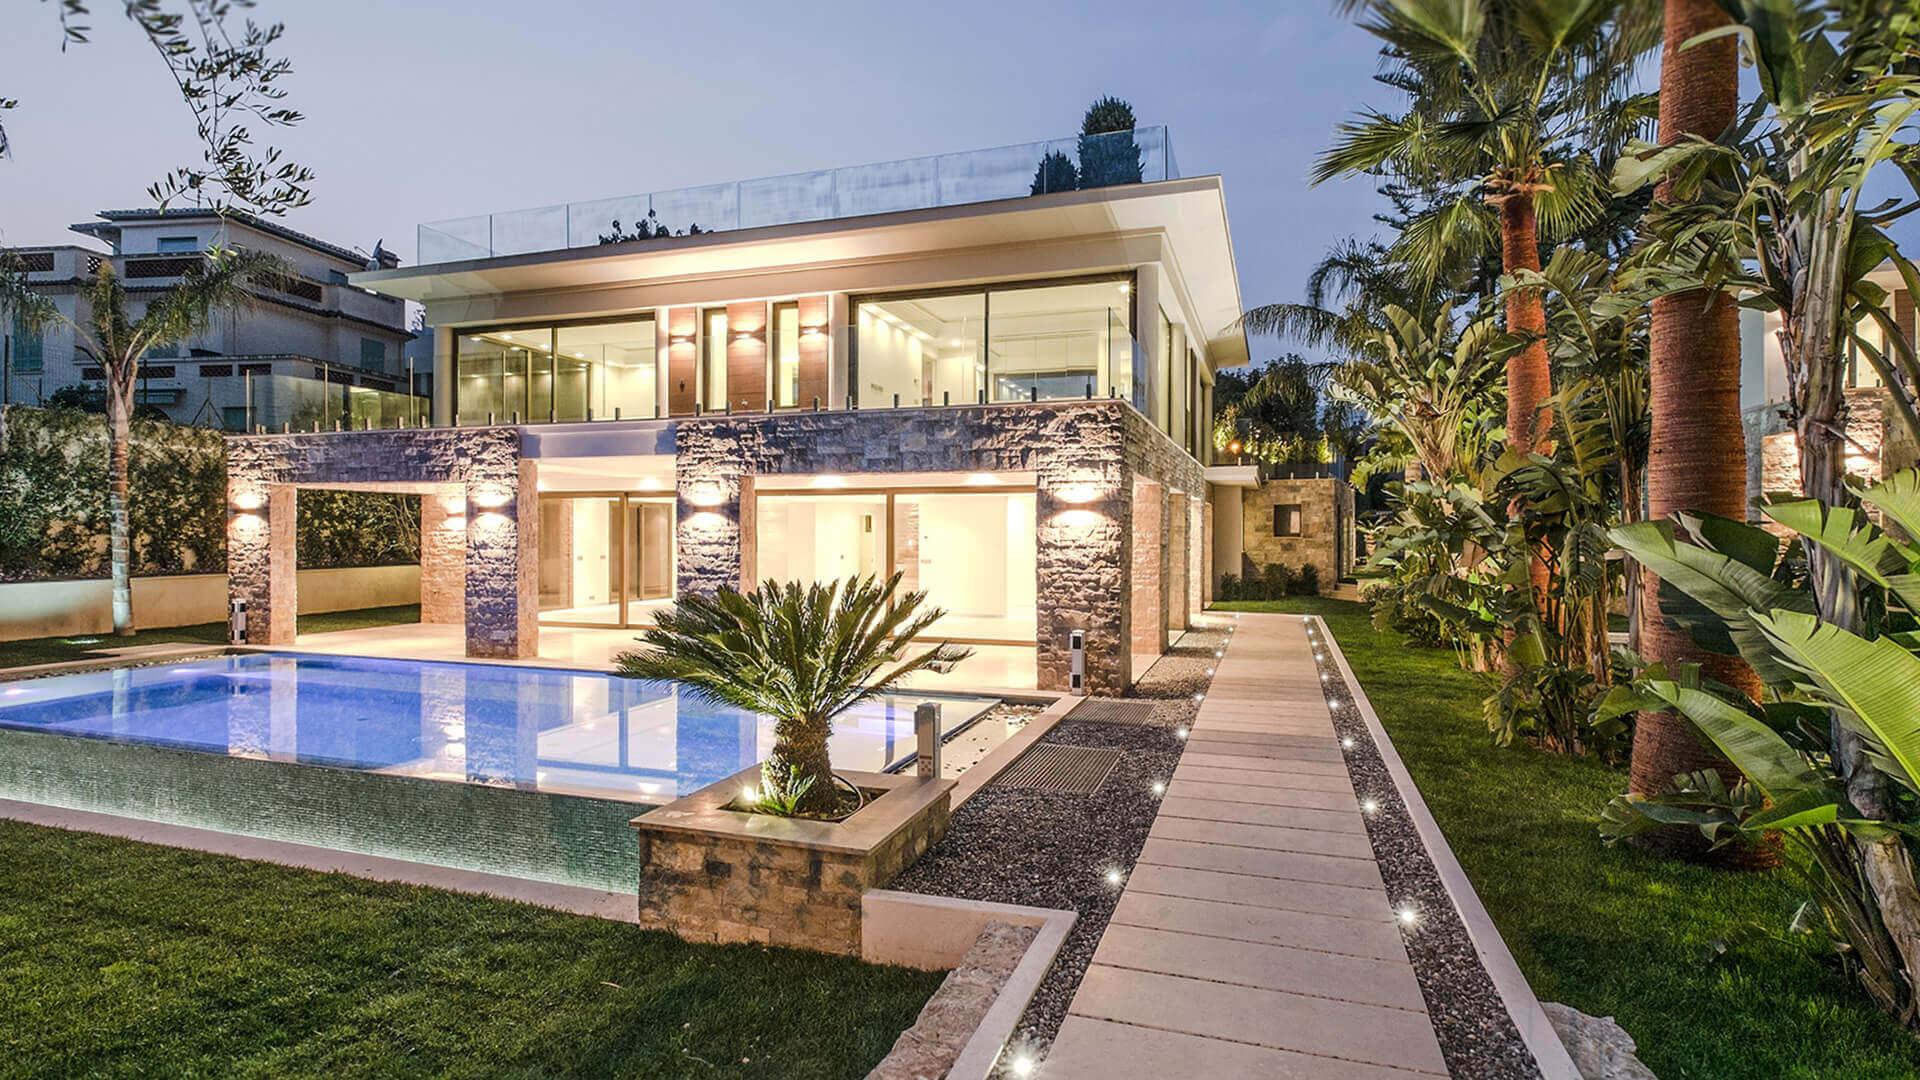 villa with veranda and swimming pool